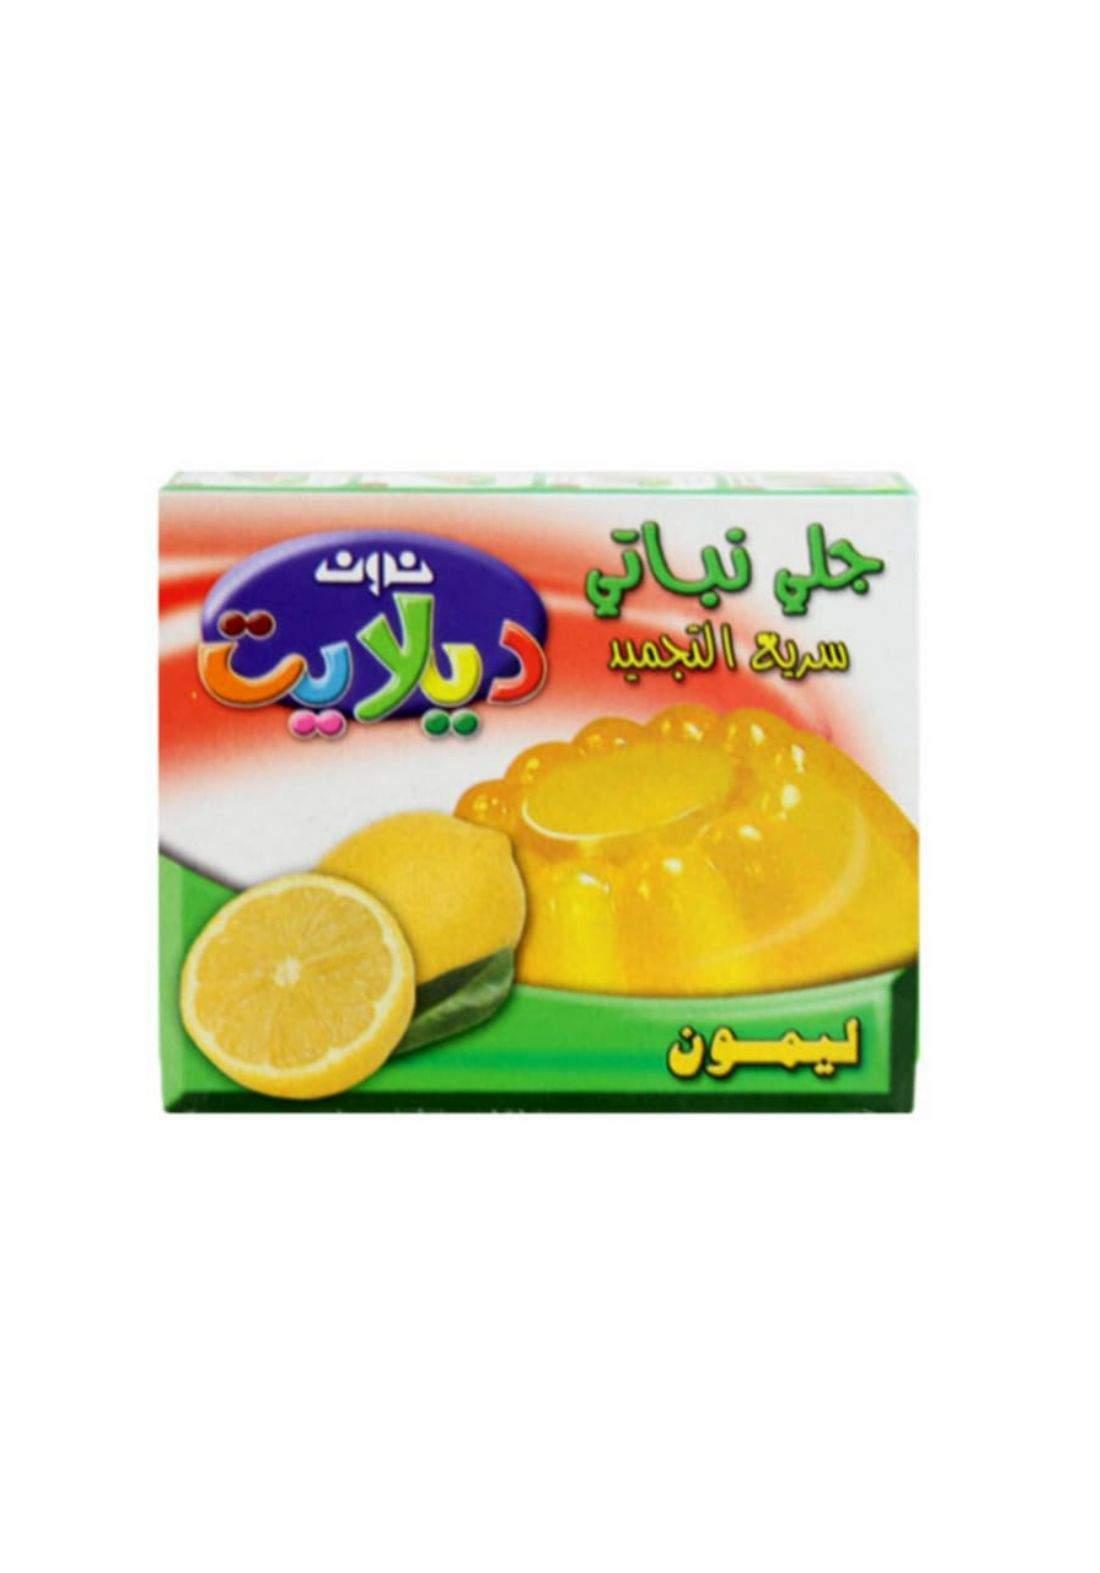 Noon Lemon Veggie Jelly جلي نوون بالليمون